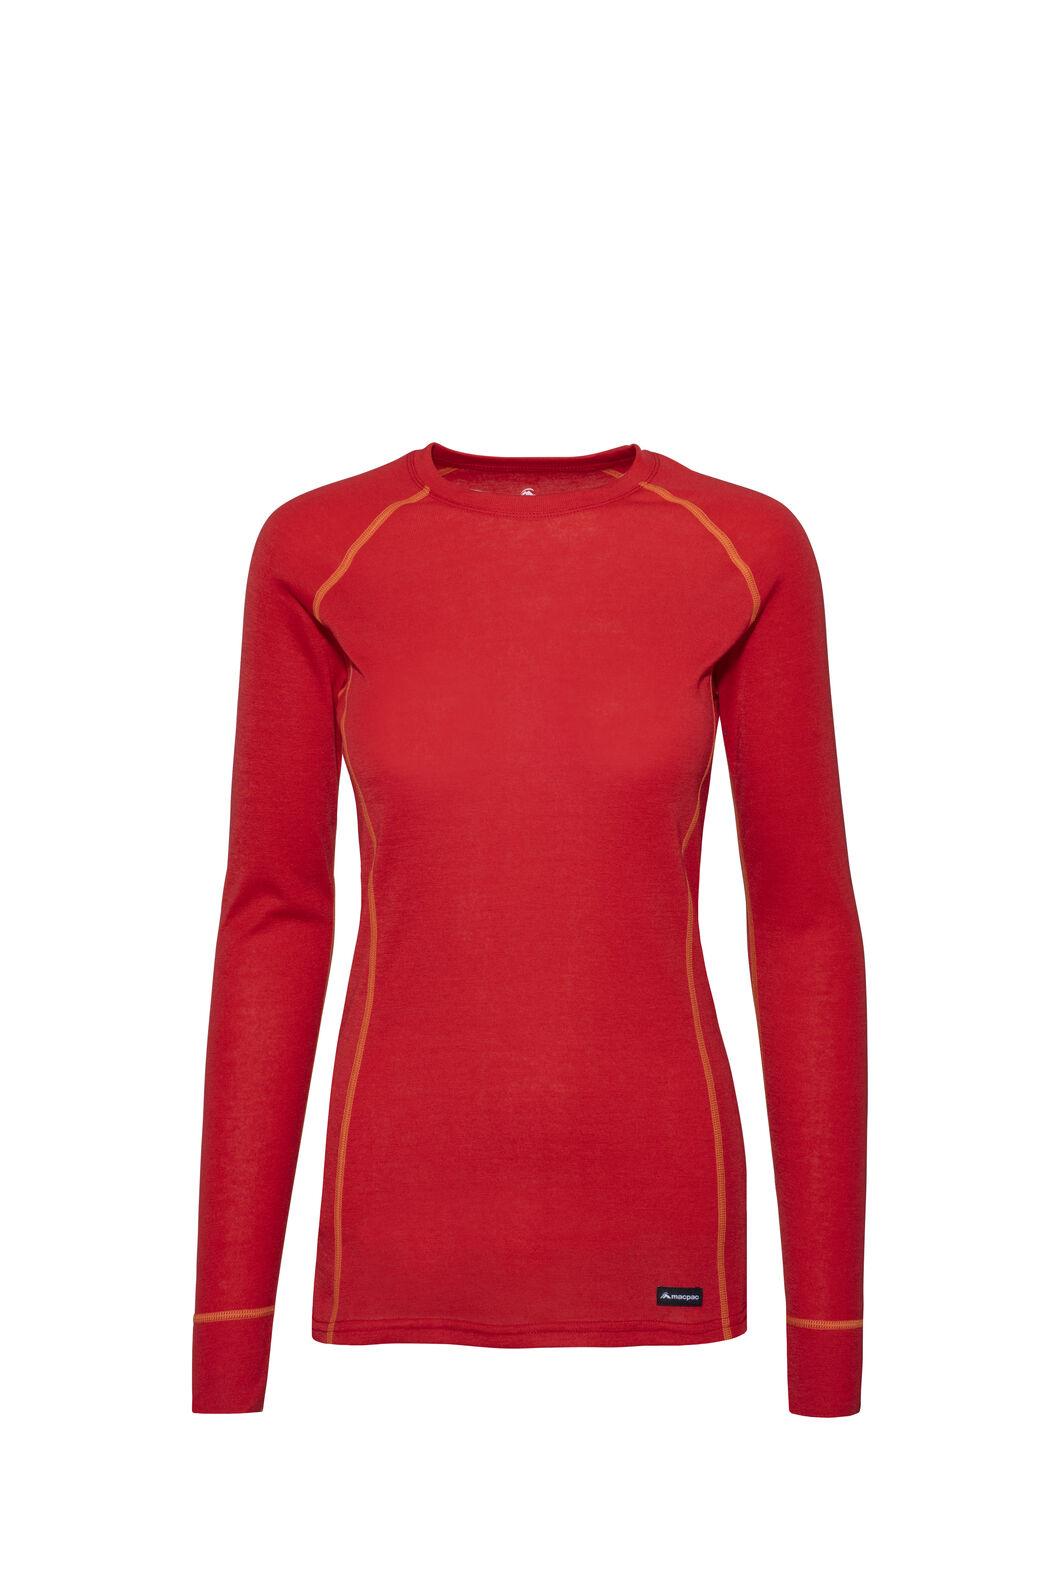 Macpac Geothermal Long Sleeve Top — Women's, Lollipop, hi-res